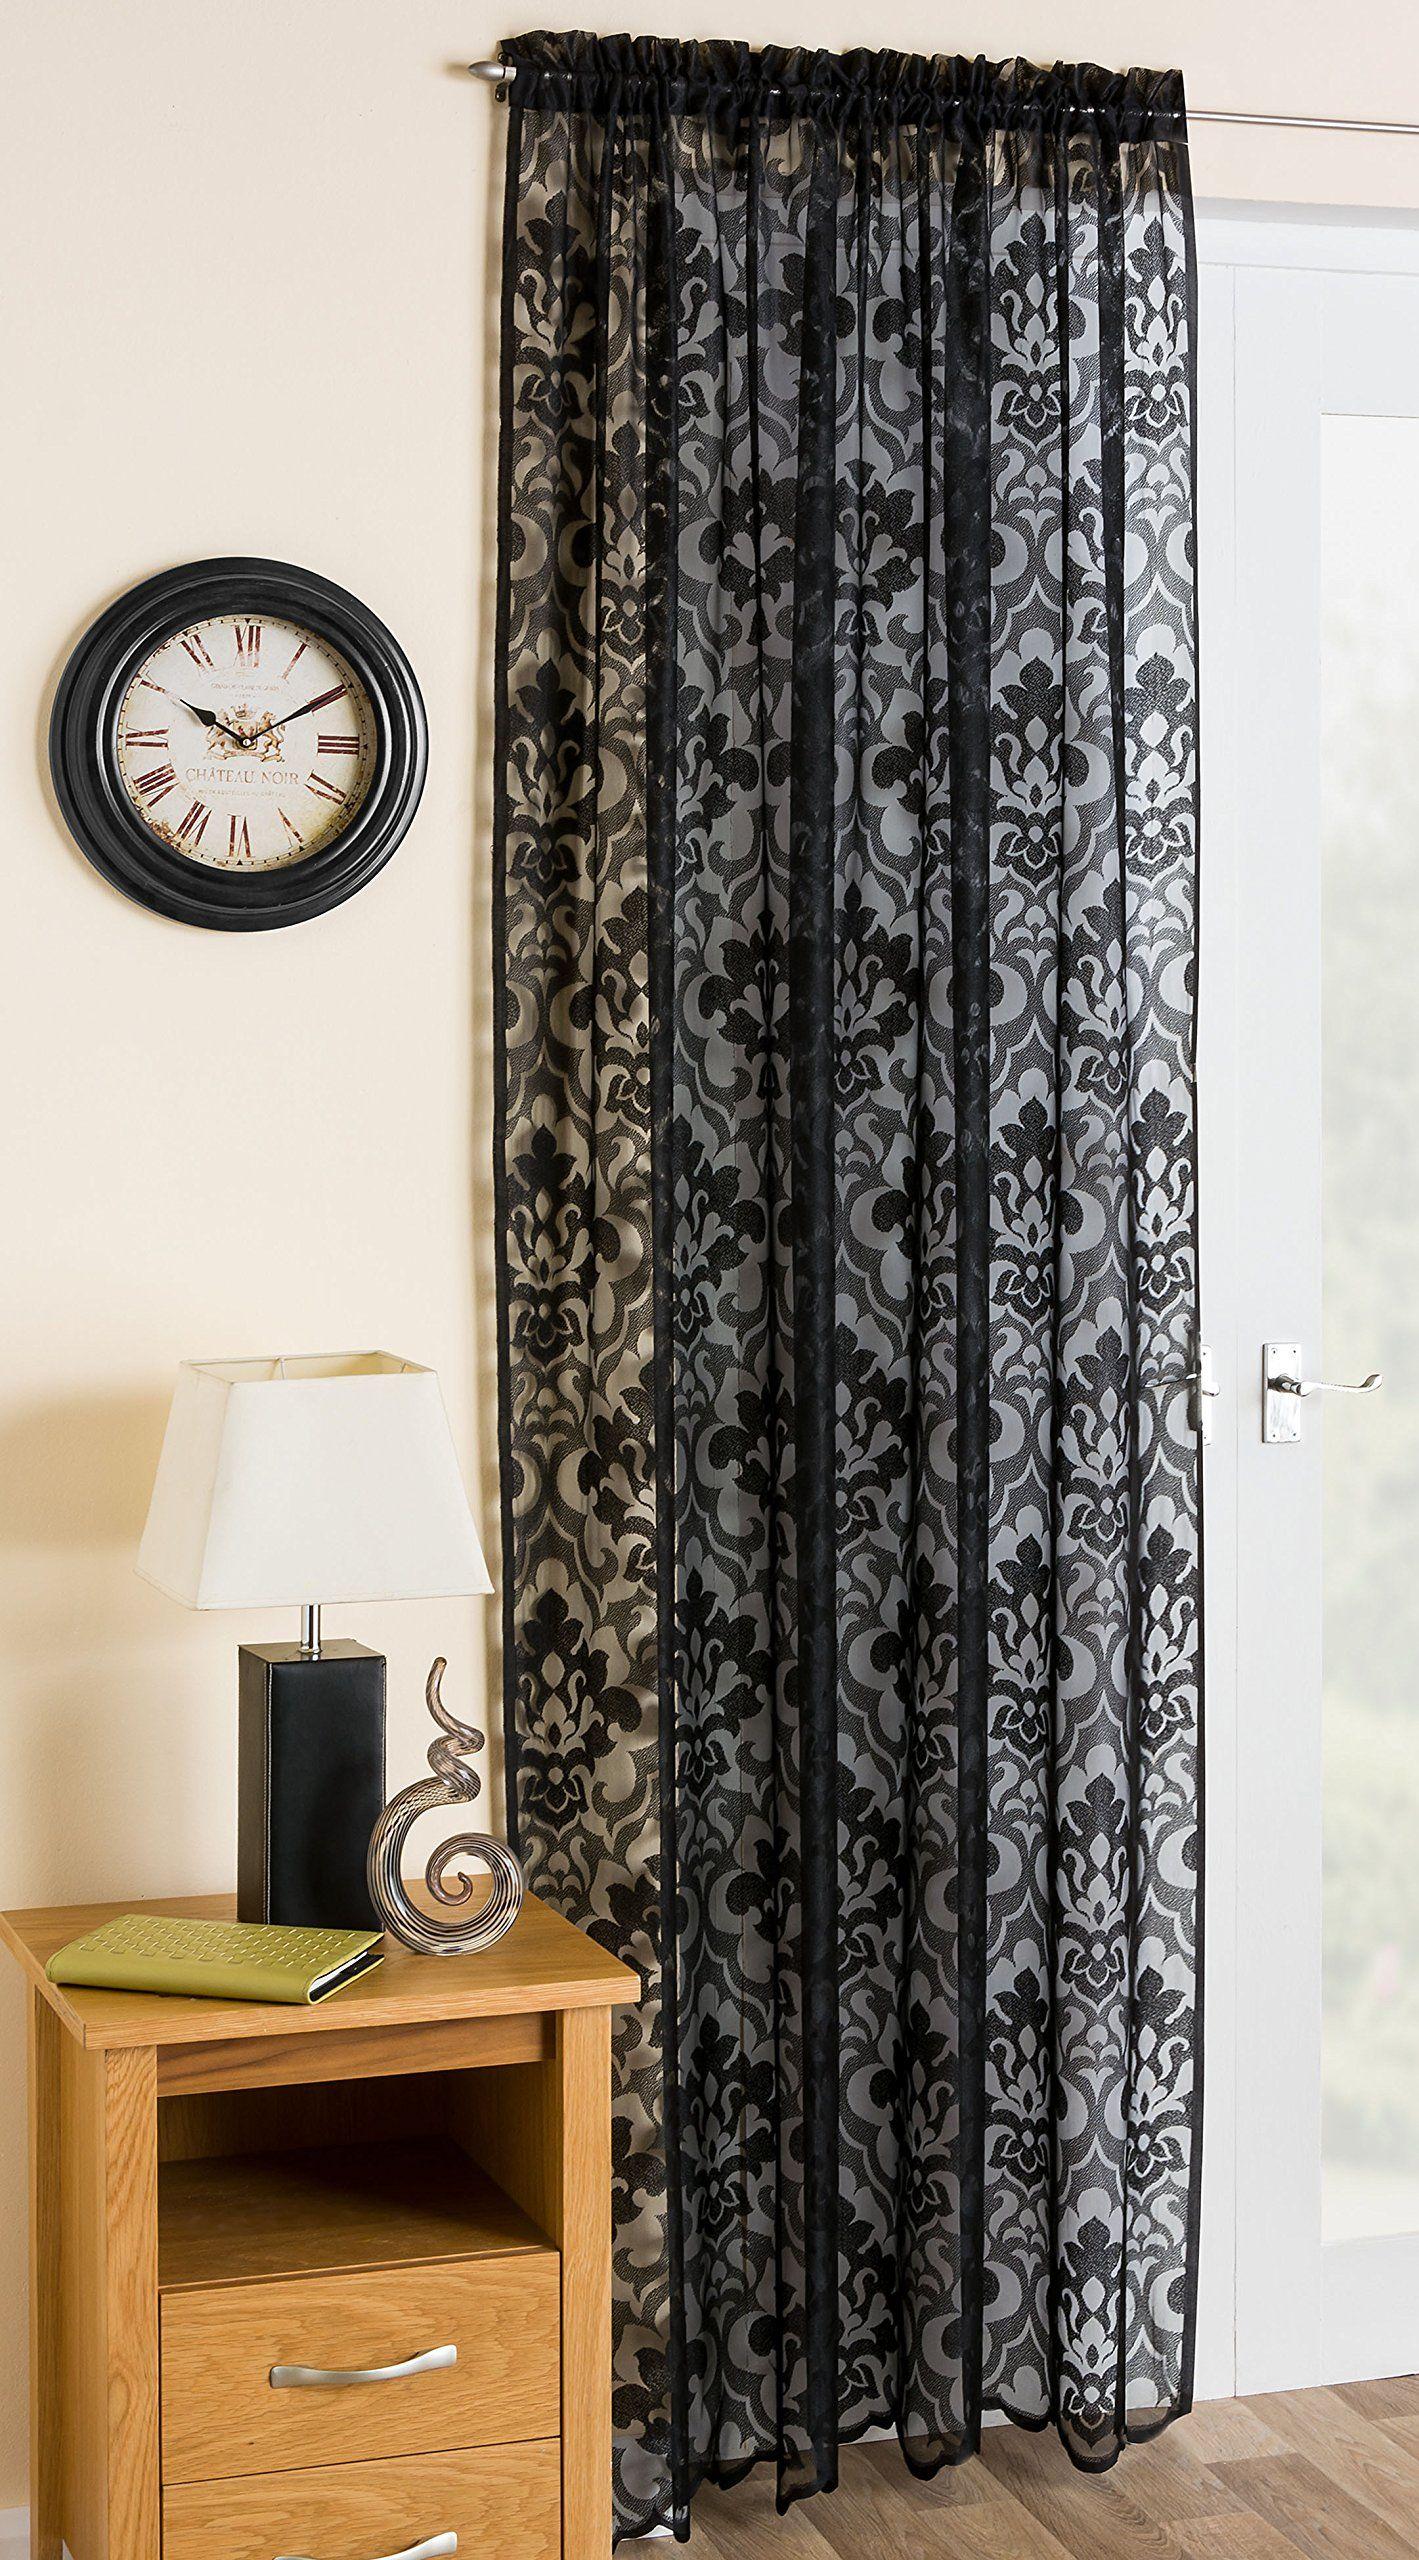 Black Lace Damask Voile Net Curtain Panel 72 183cm Amazon Co